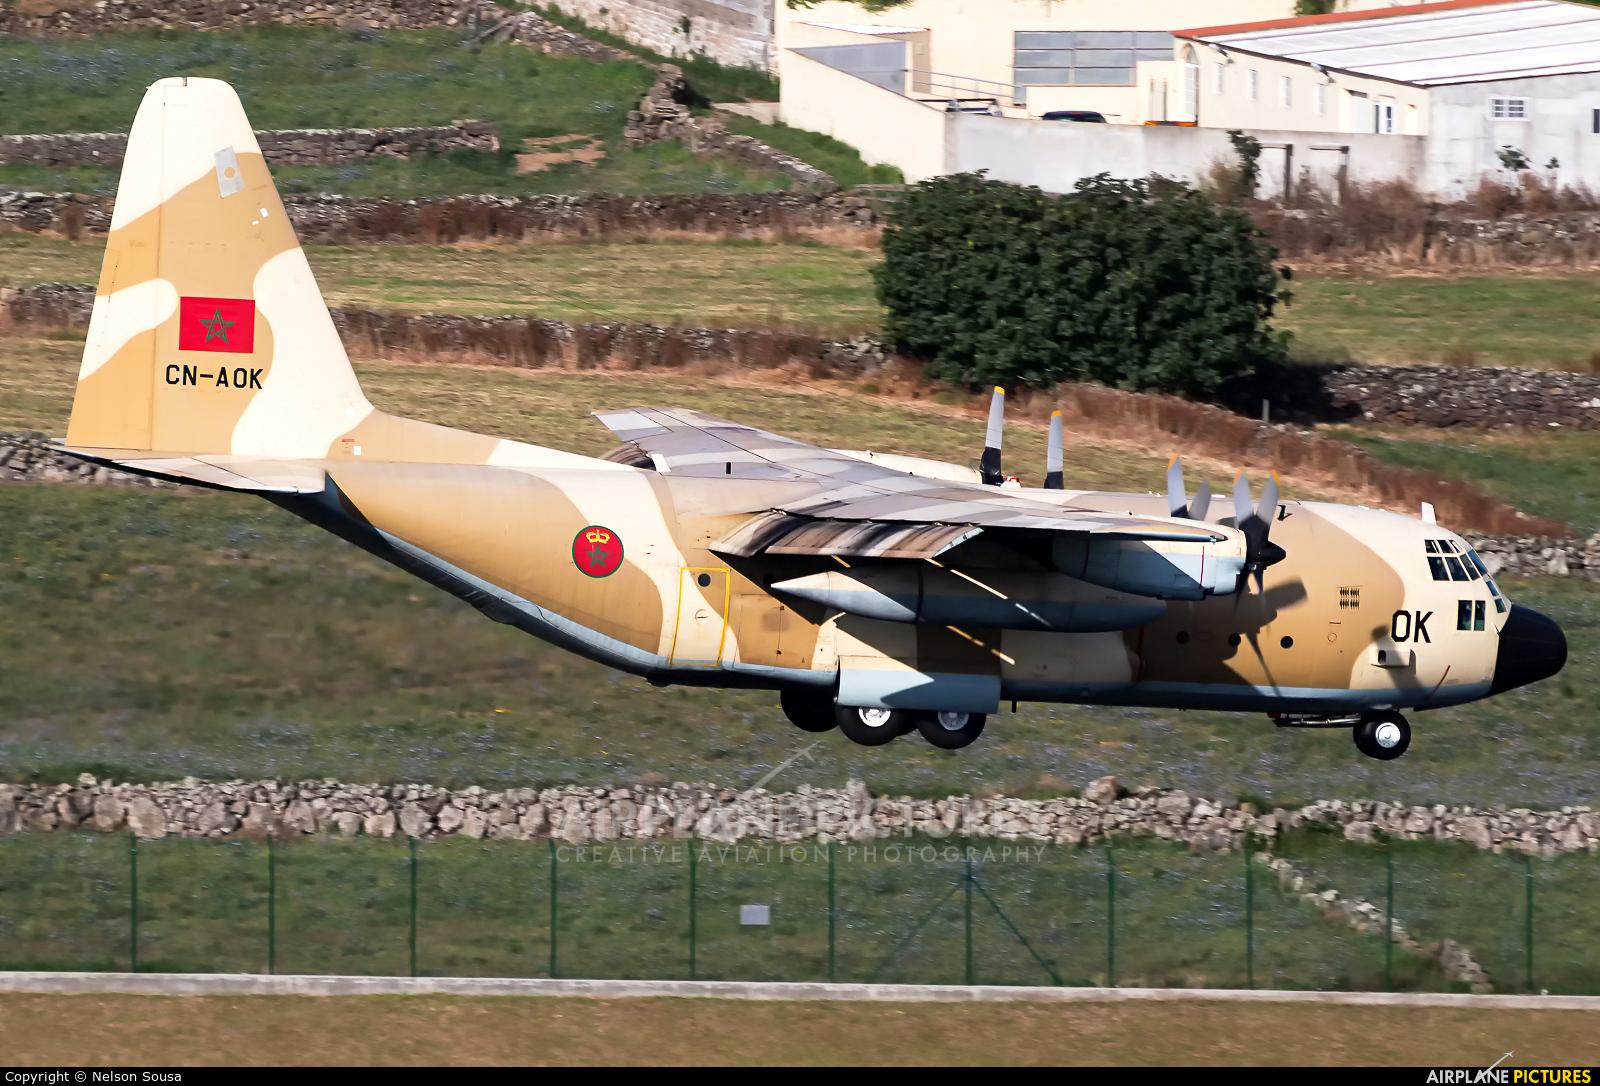 FRA: Photos d'avions de transport - Page 38 1226248